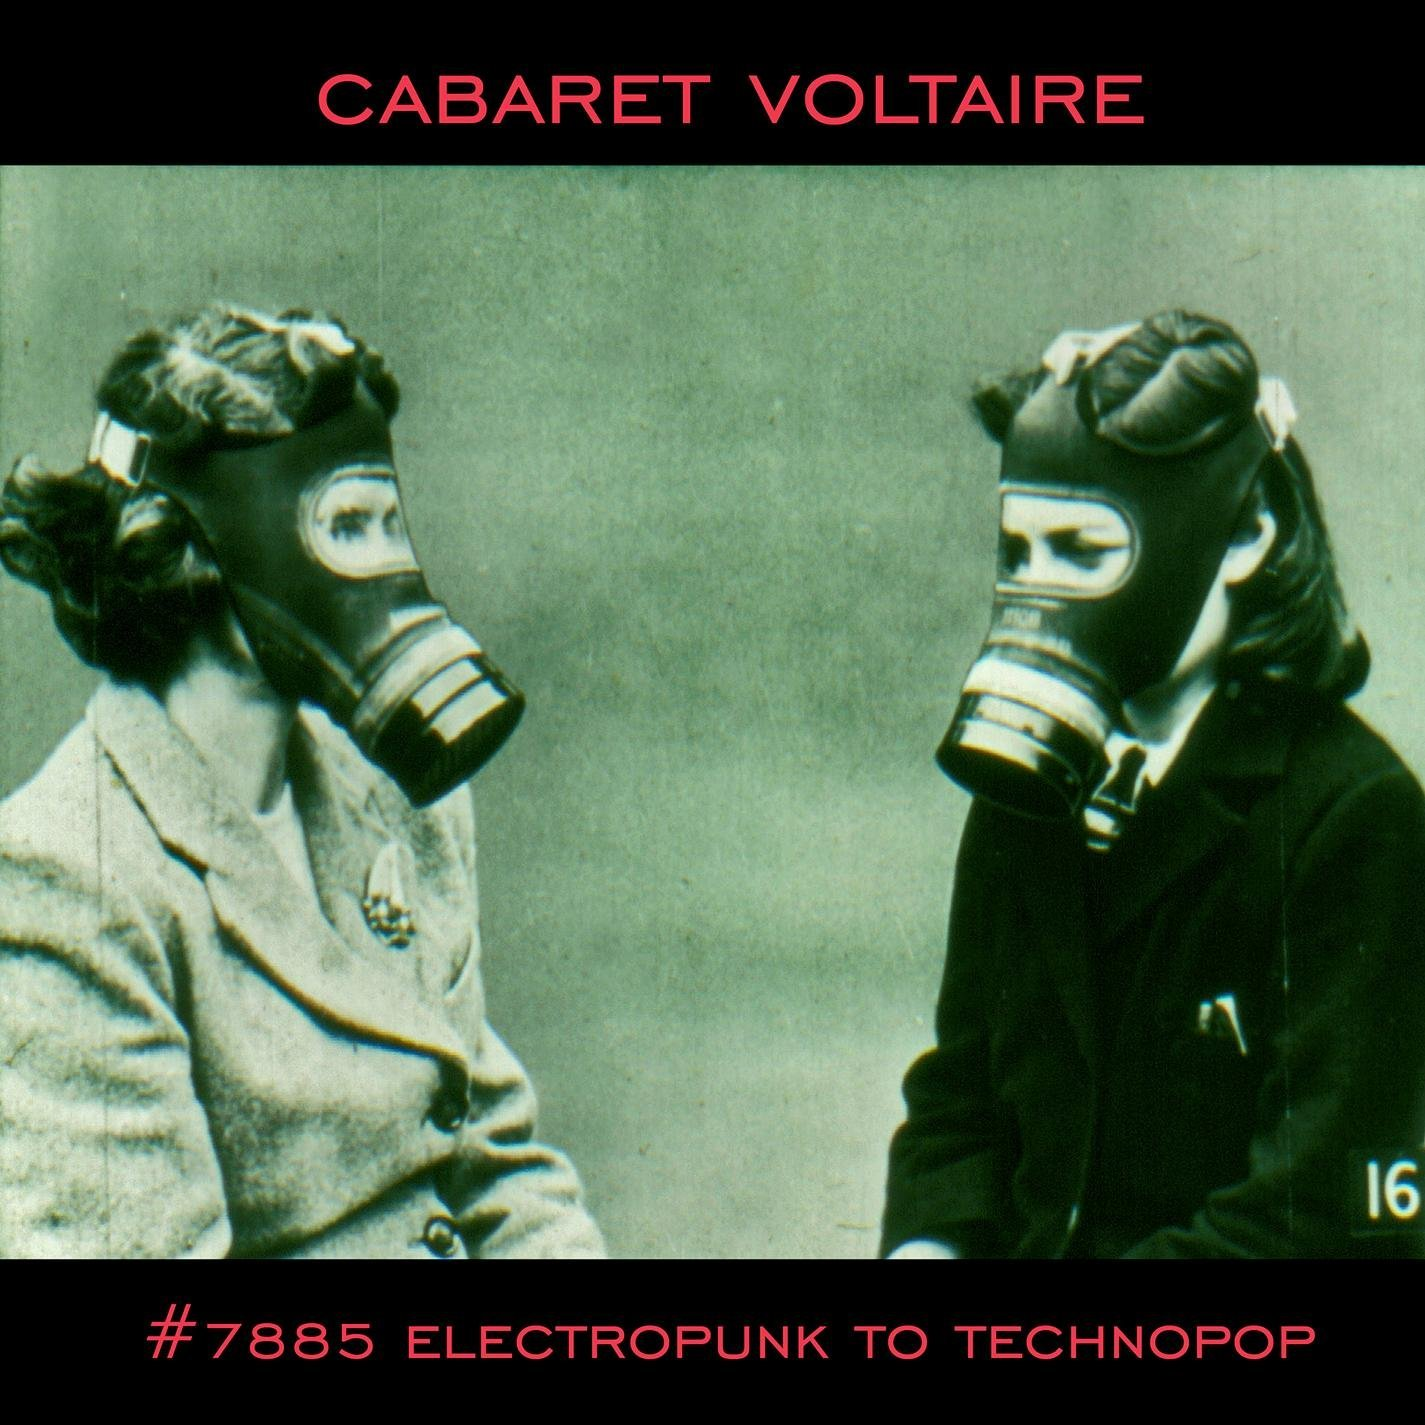 cabaret_voltaire